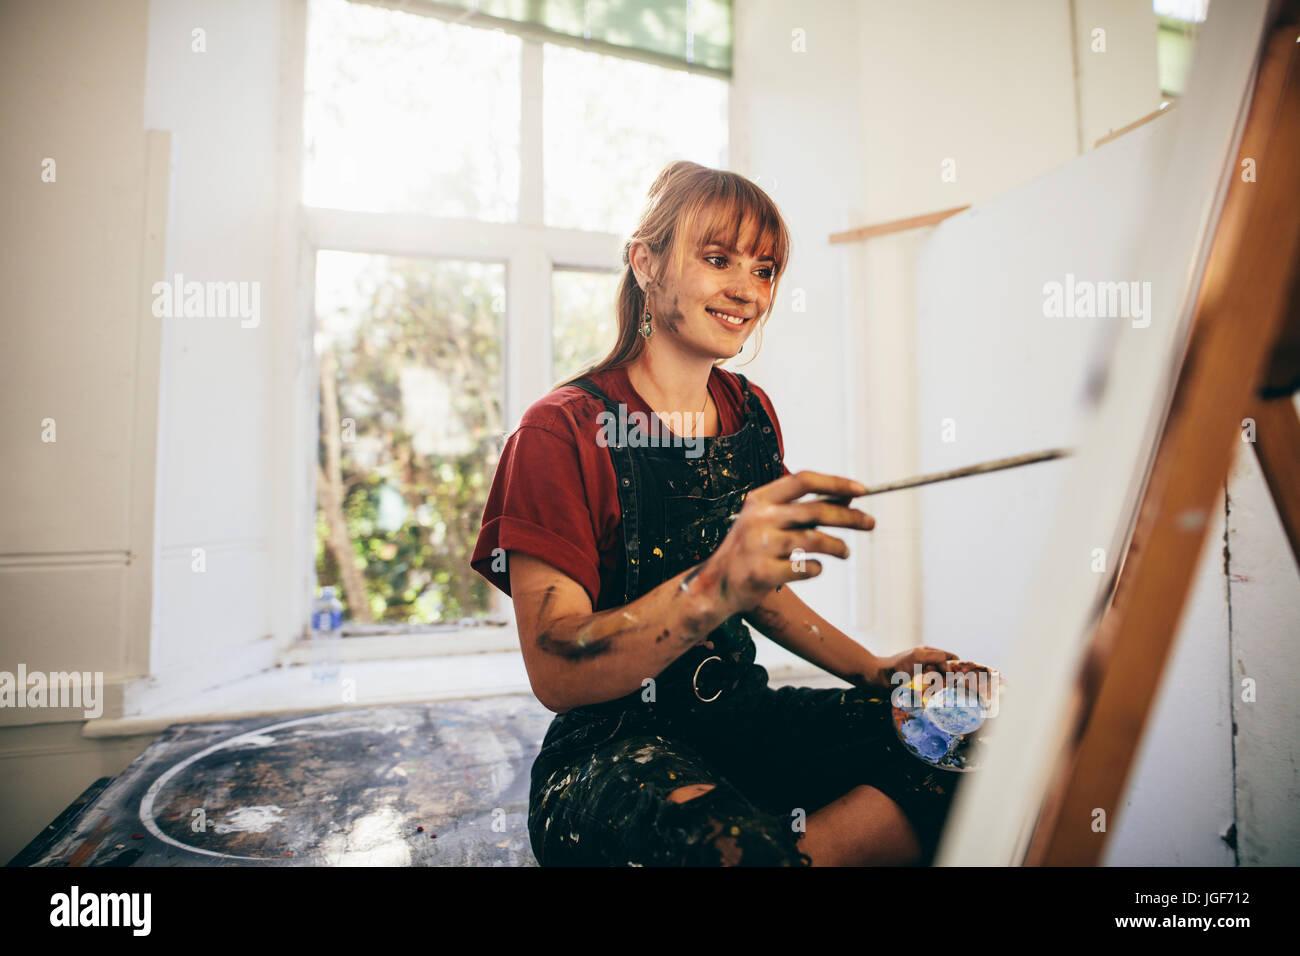 Innenaufnahme der Künstlerin im Atelier malen. Die Malerin in ihrem Atelier malen. Stockbild